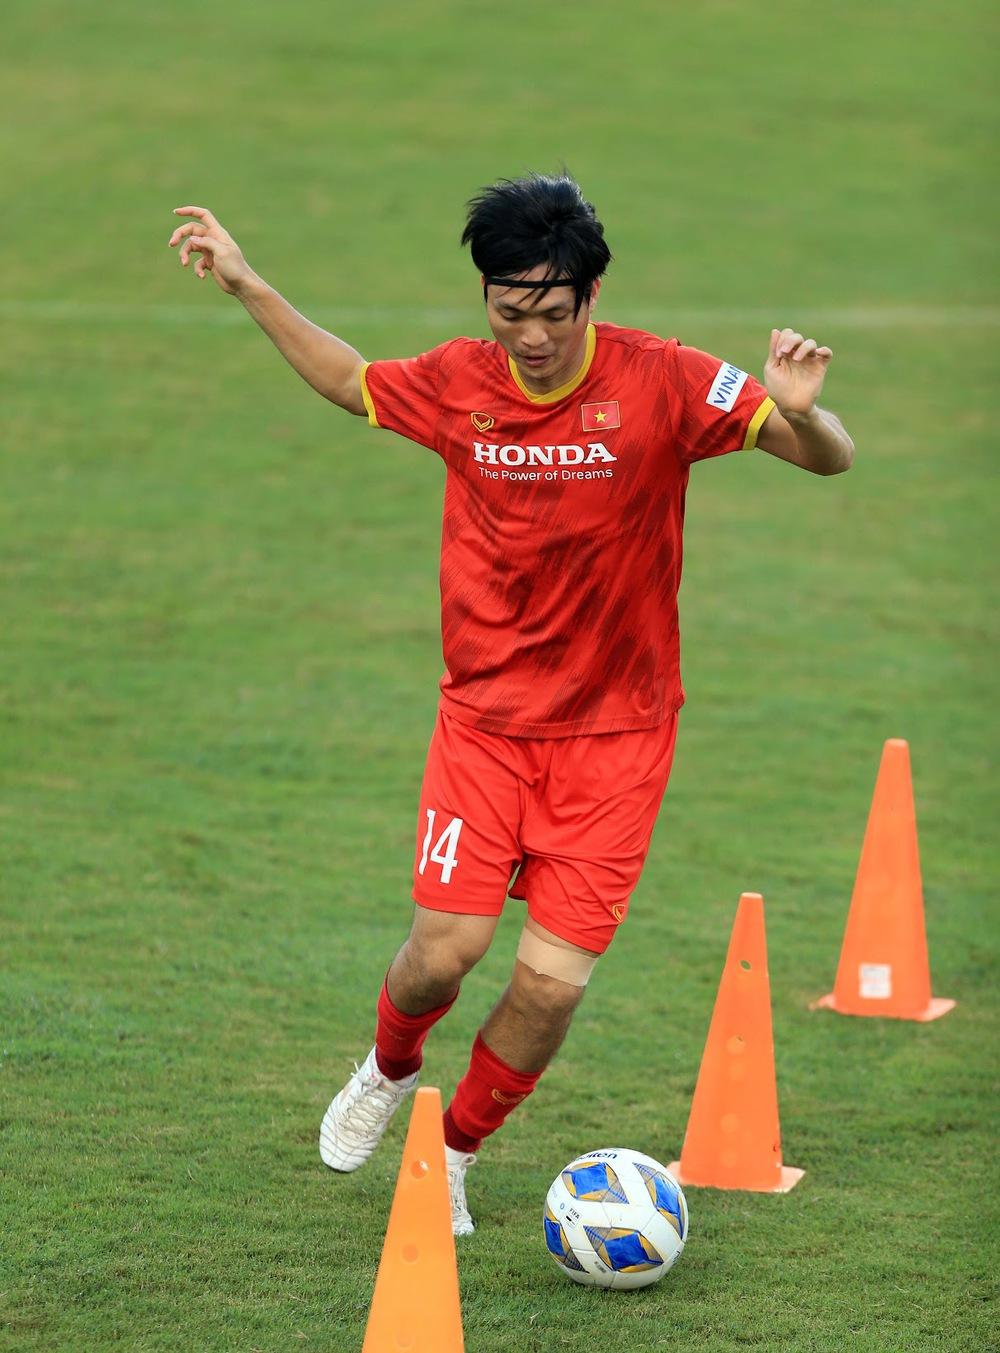 Thêm một cầu thủ U22 được bổ sung lên đội tuyển Việt Nam cho chiến dịch Vòng loại World Cup 2022 - Ảnh 9.